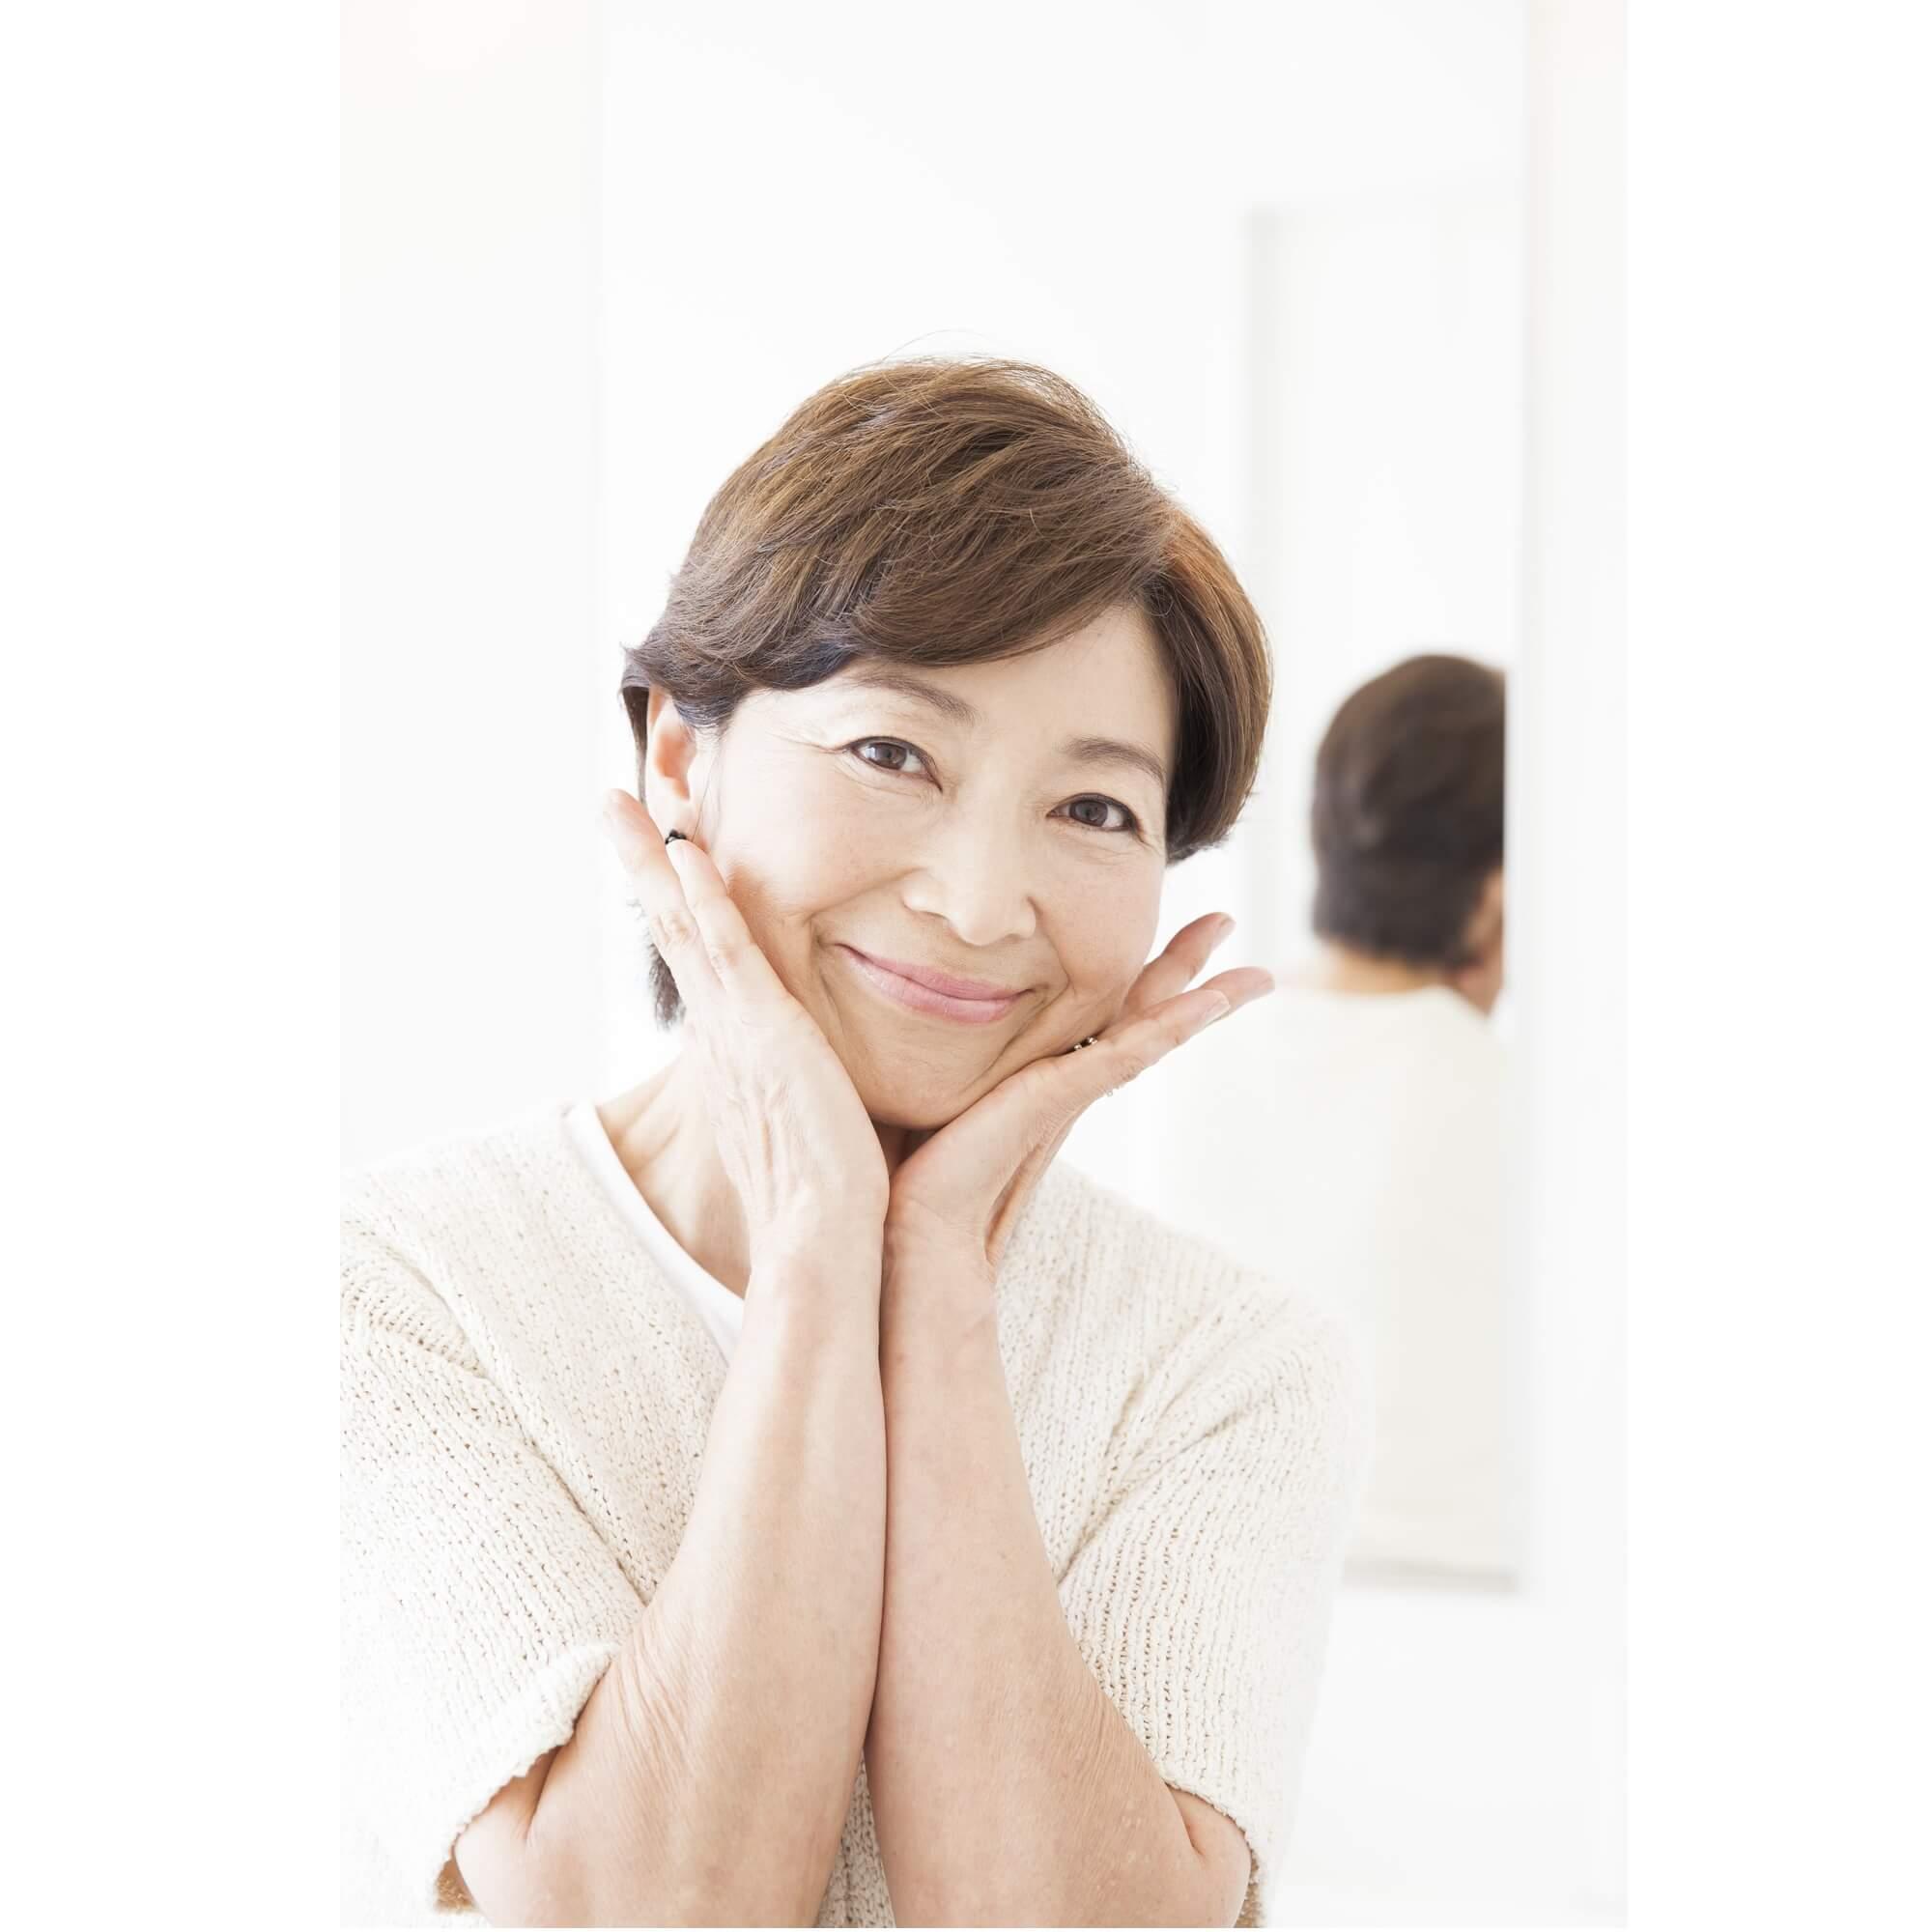 【60代おすすめヘアスタイル】ショートヘア